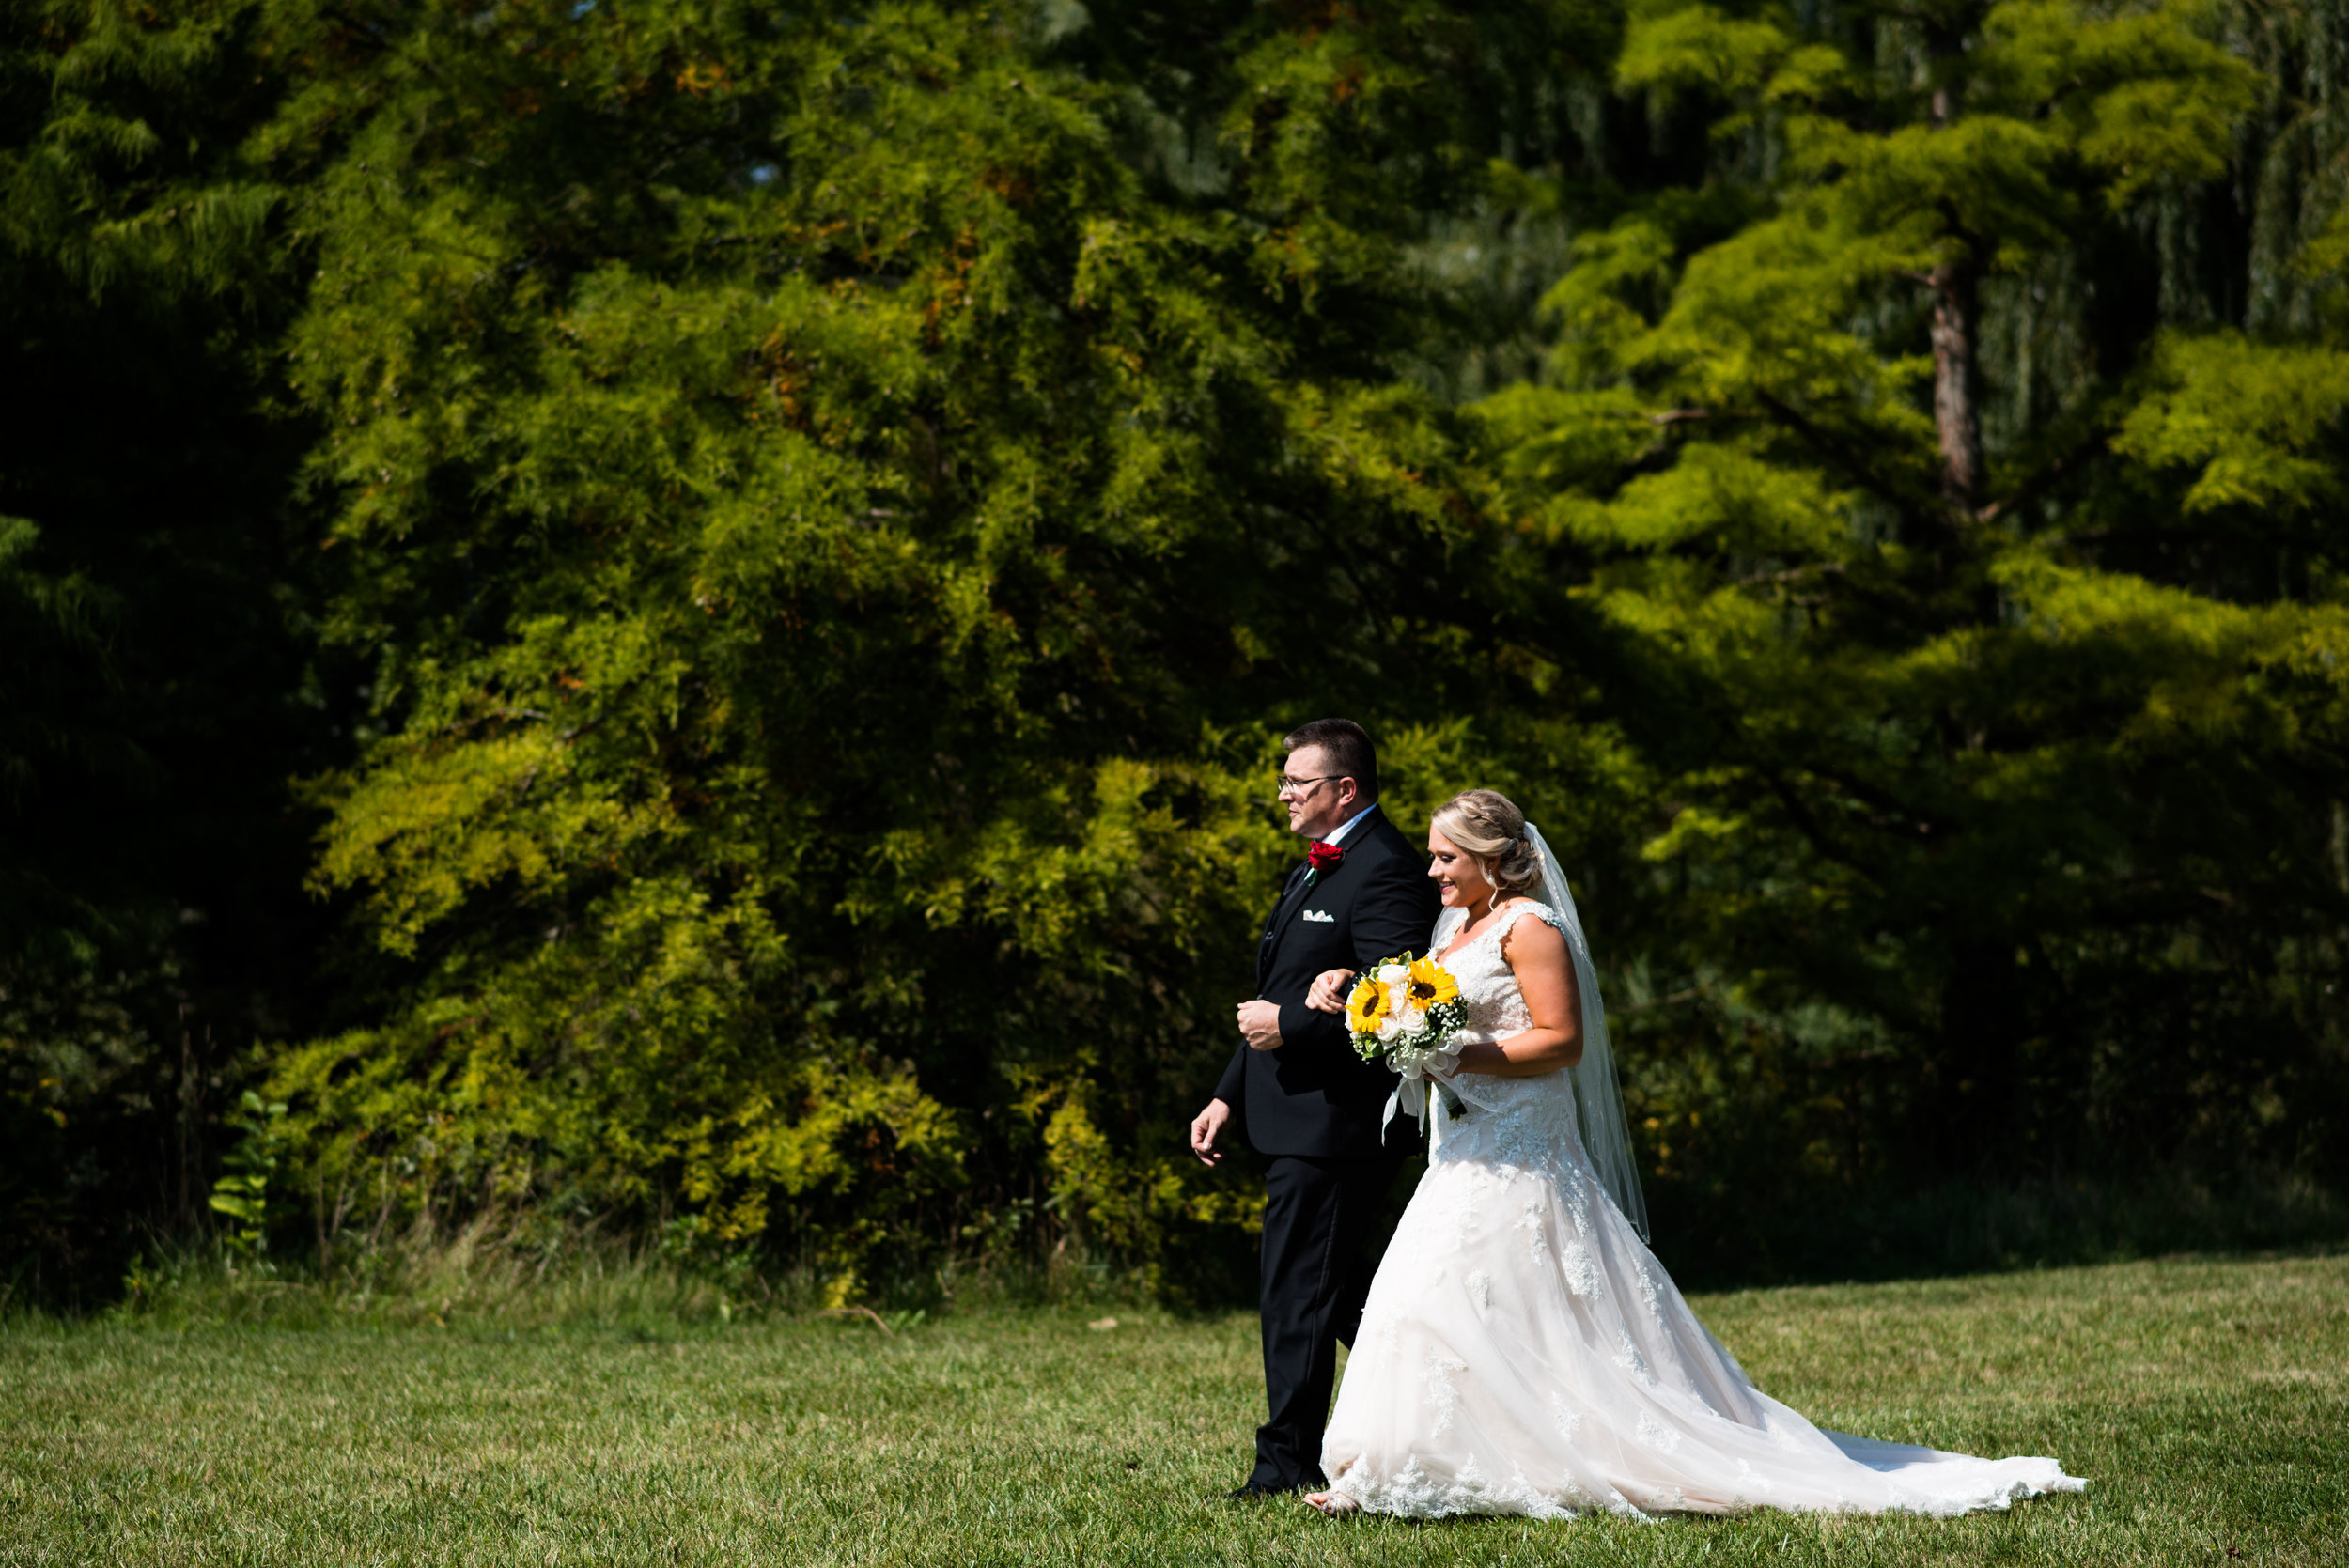 toledo wedding photography-3.jpg